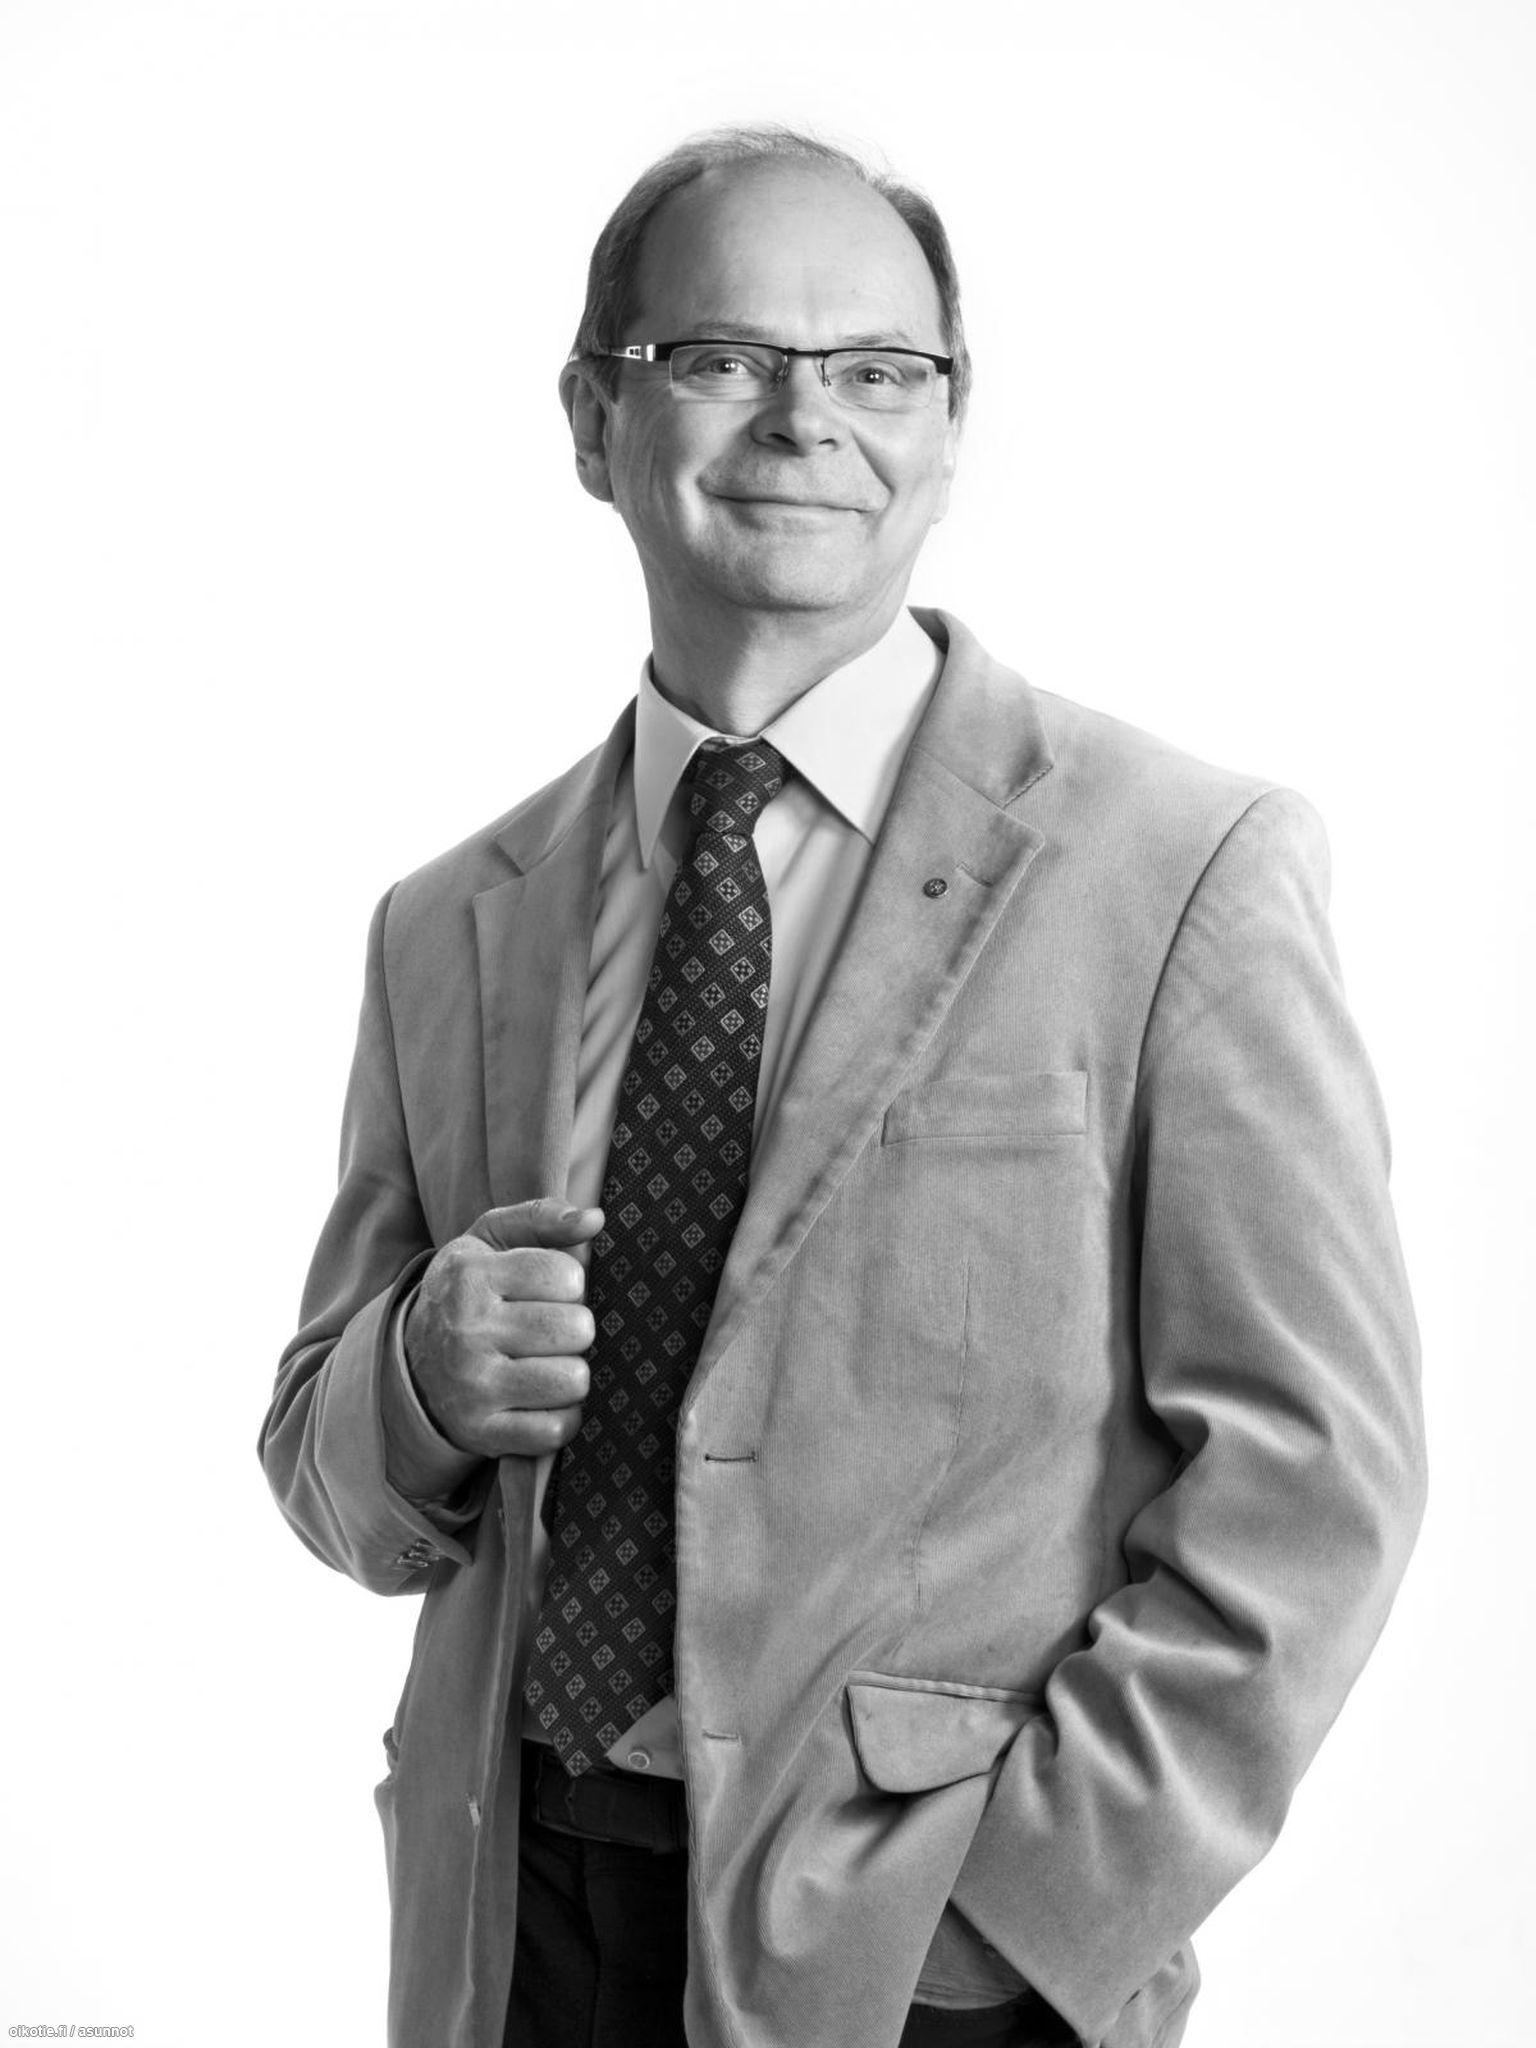 Forssan Isännöinti Ja Kiinteistönvälitys Oy